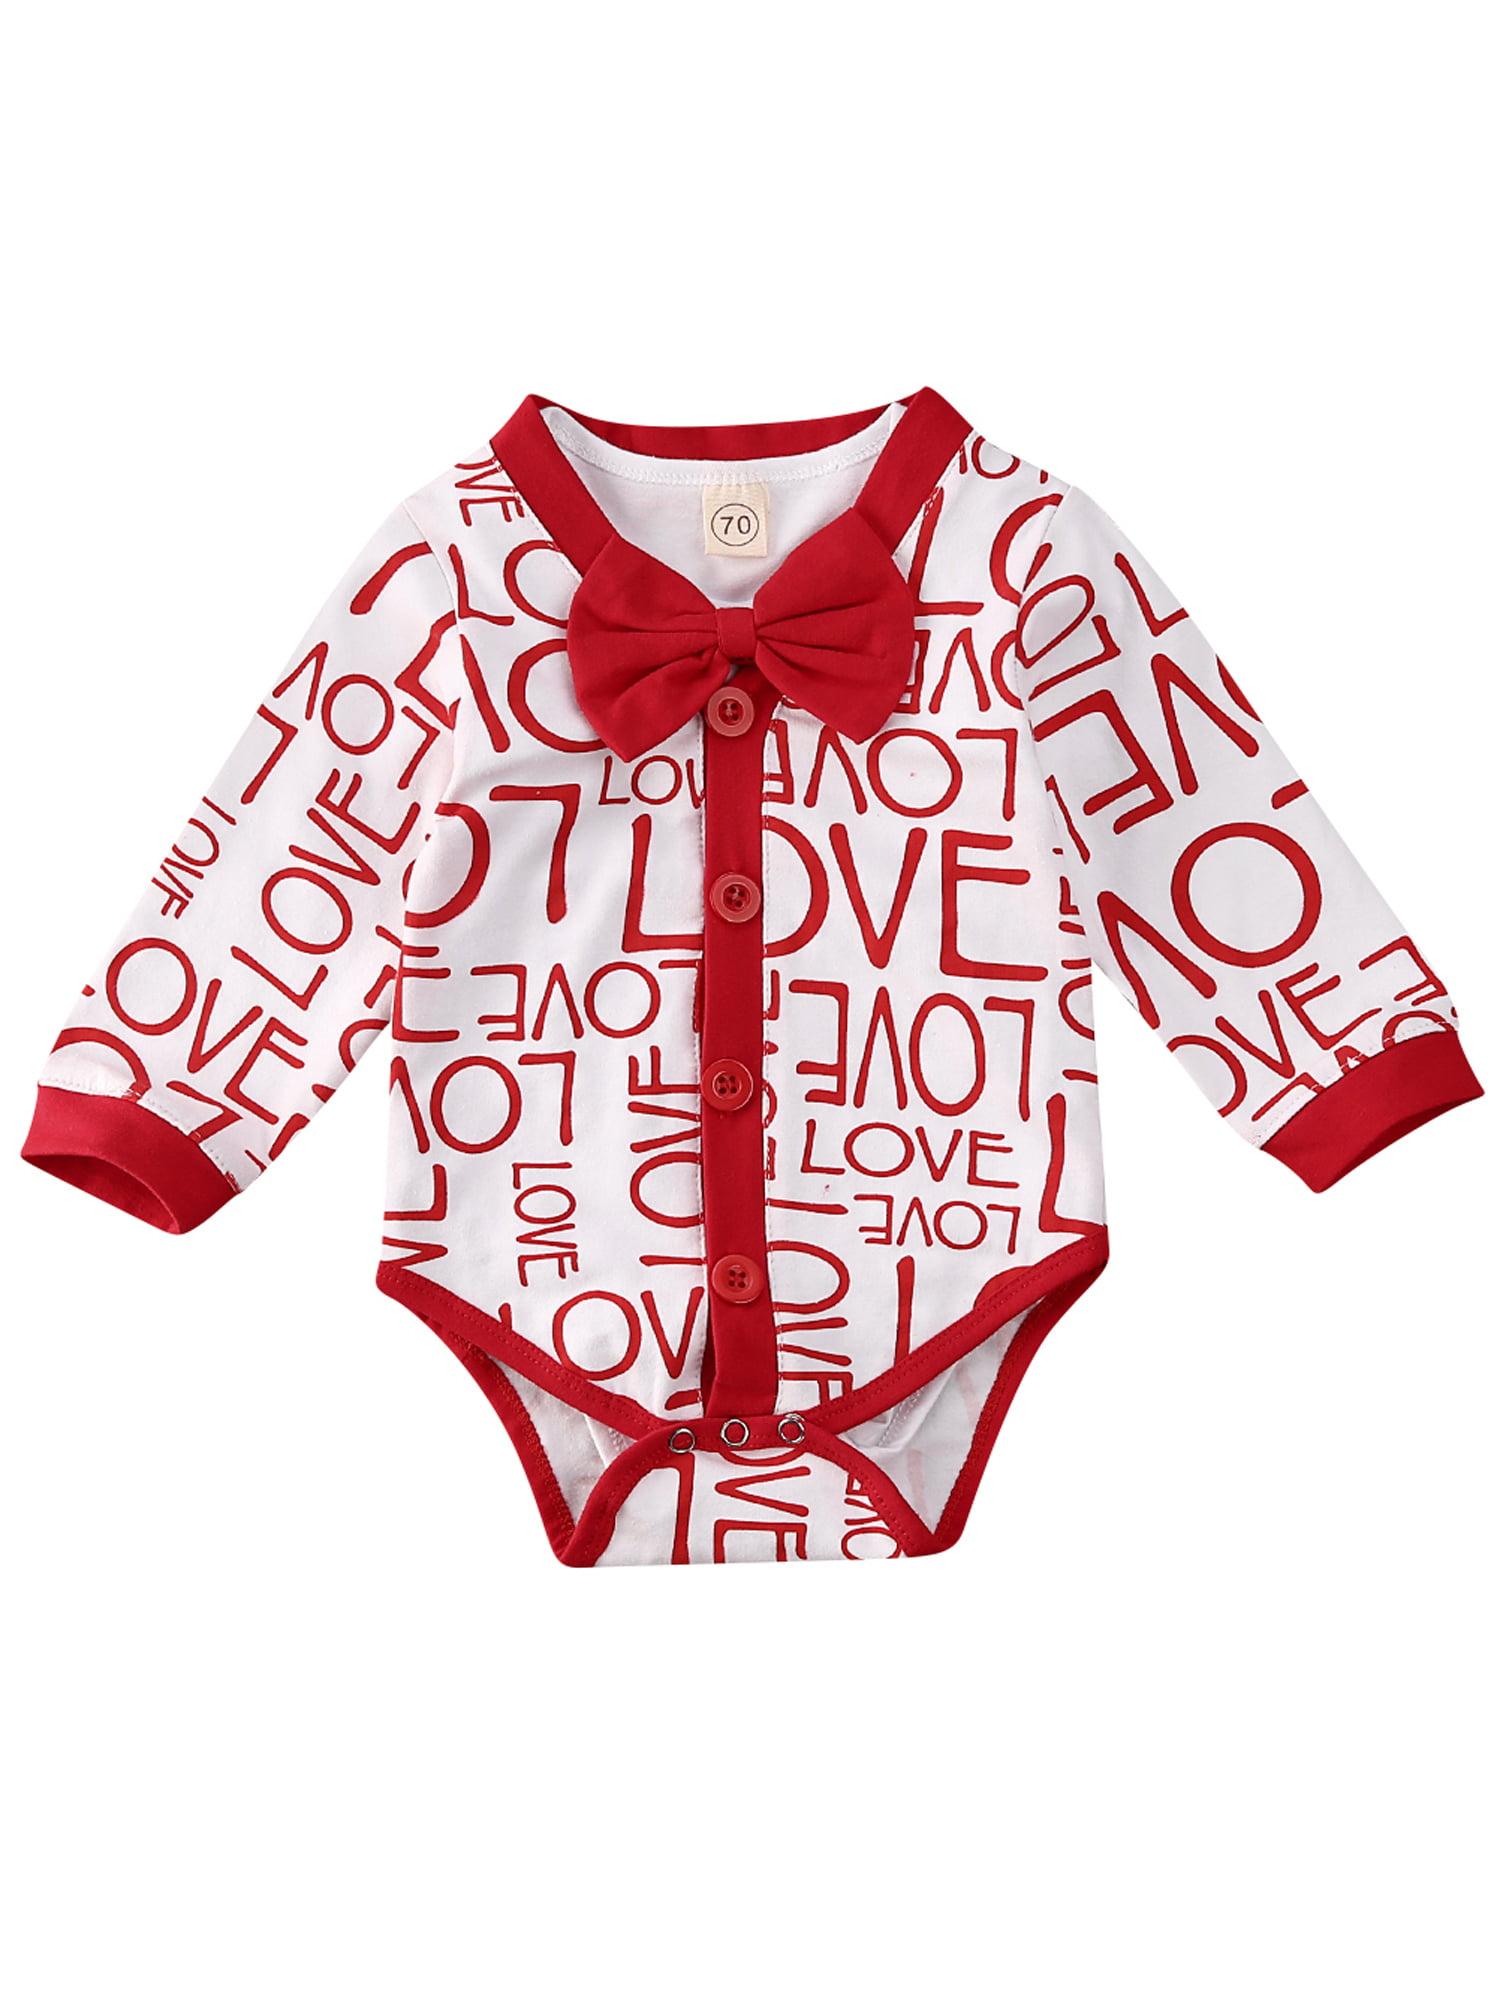 Details about  /Newborn Infant Baby Girls Romper Bodysuit Jumpsuit Hat Outfit Homewear Set 2Pcs